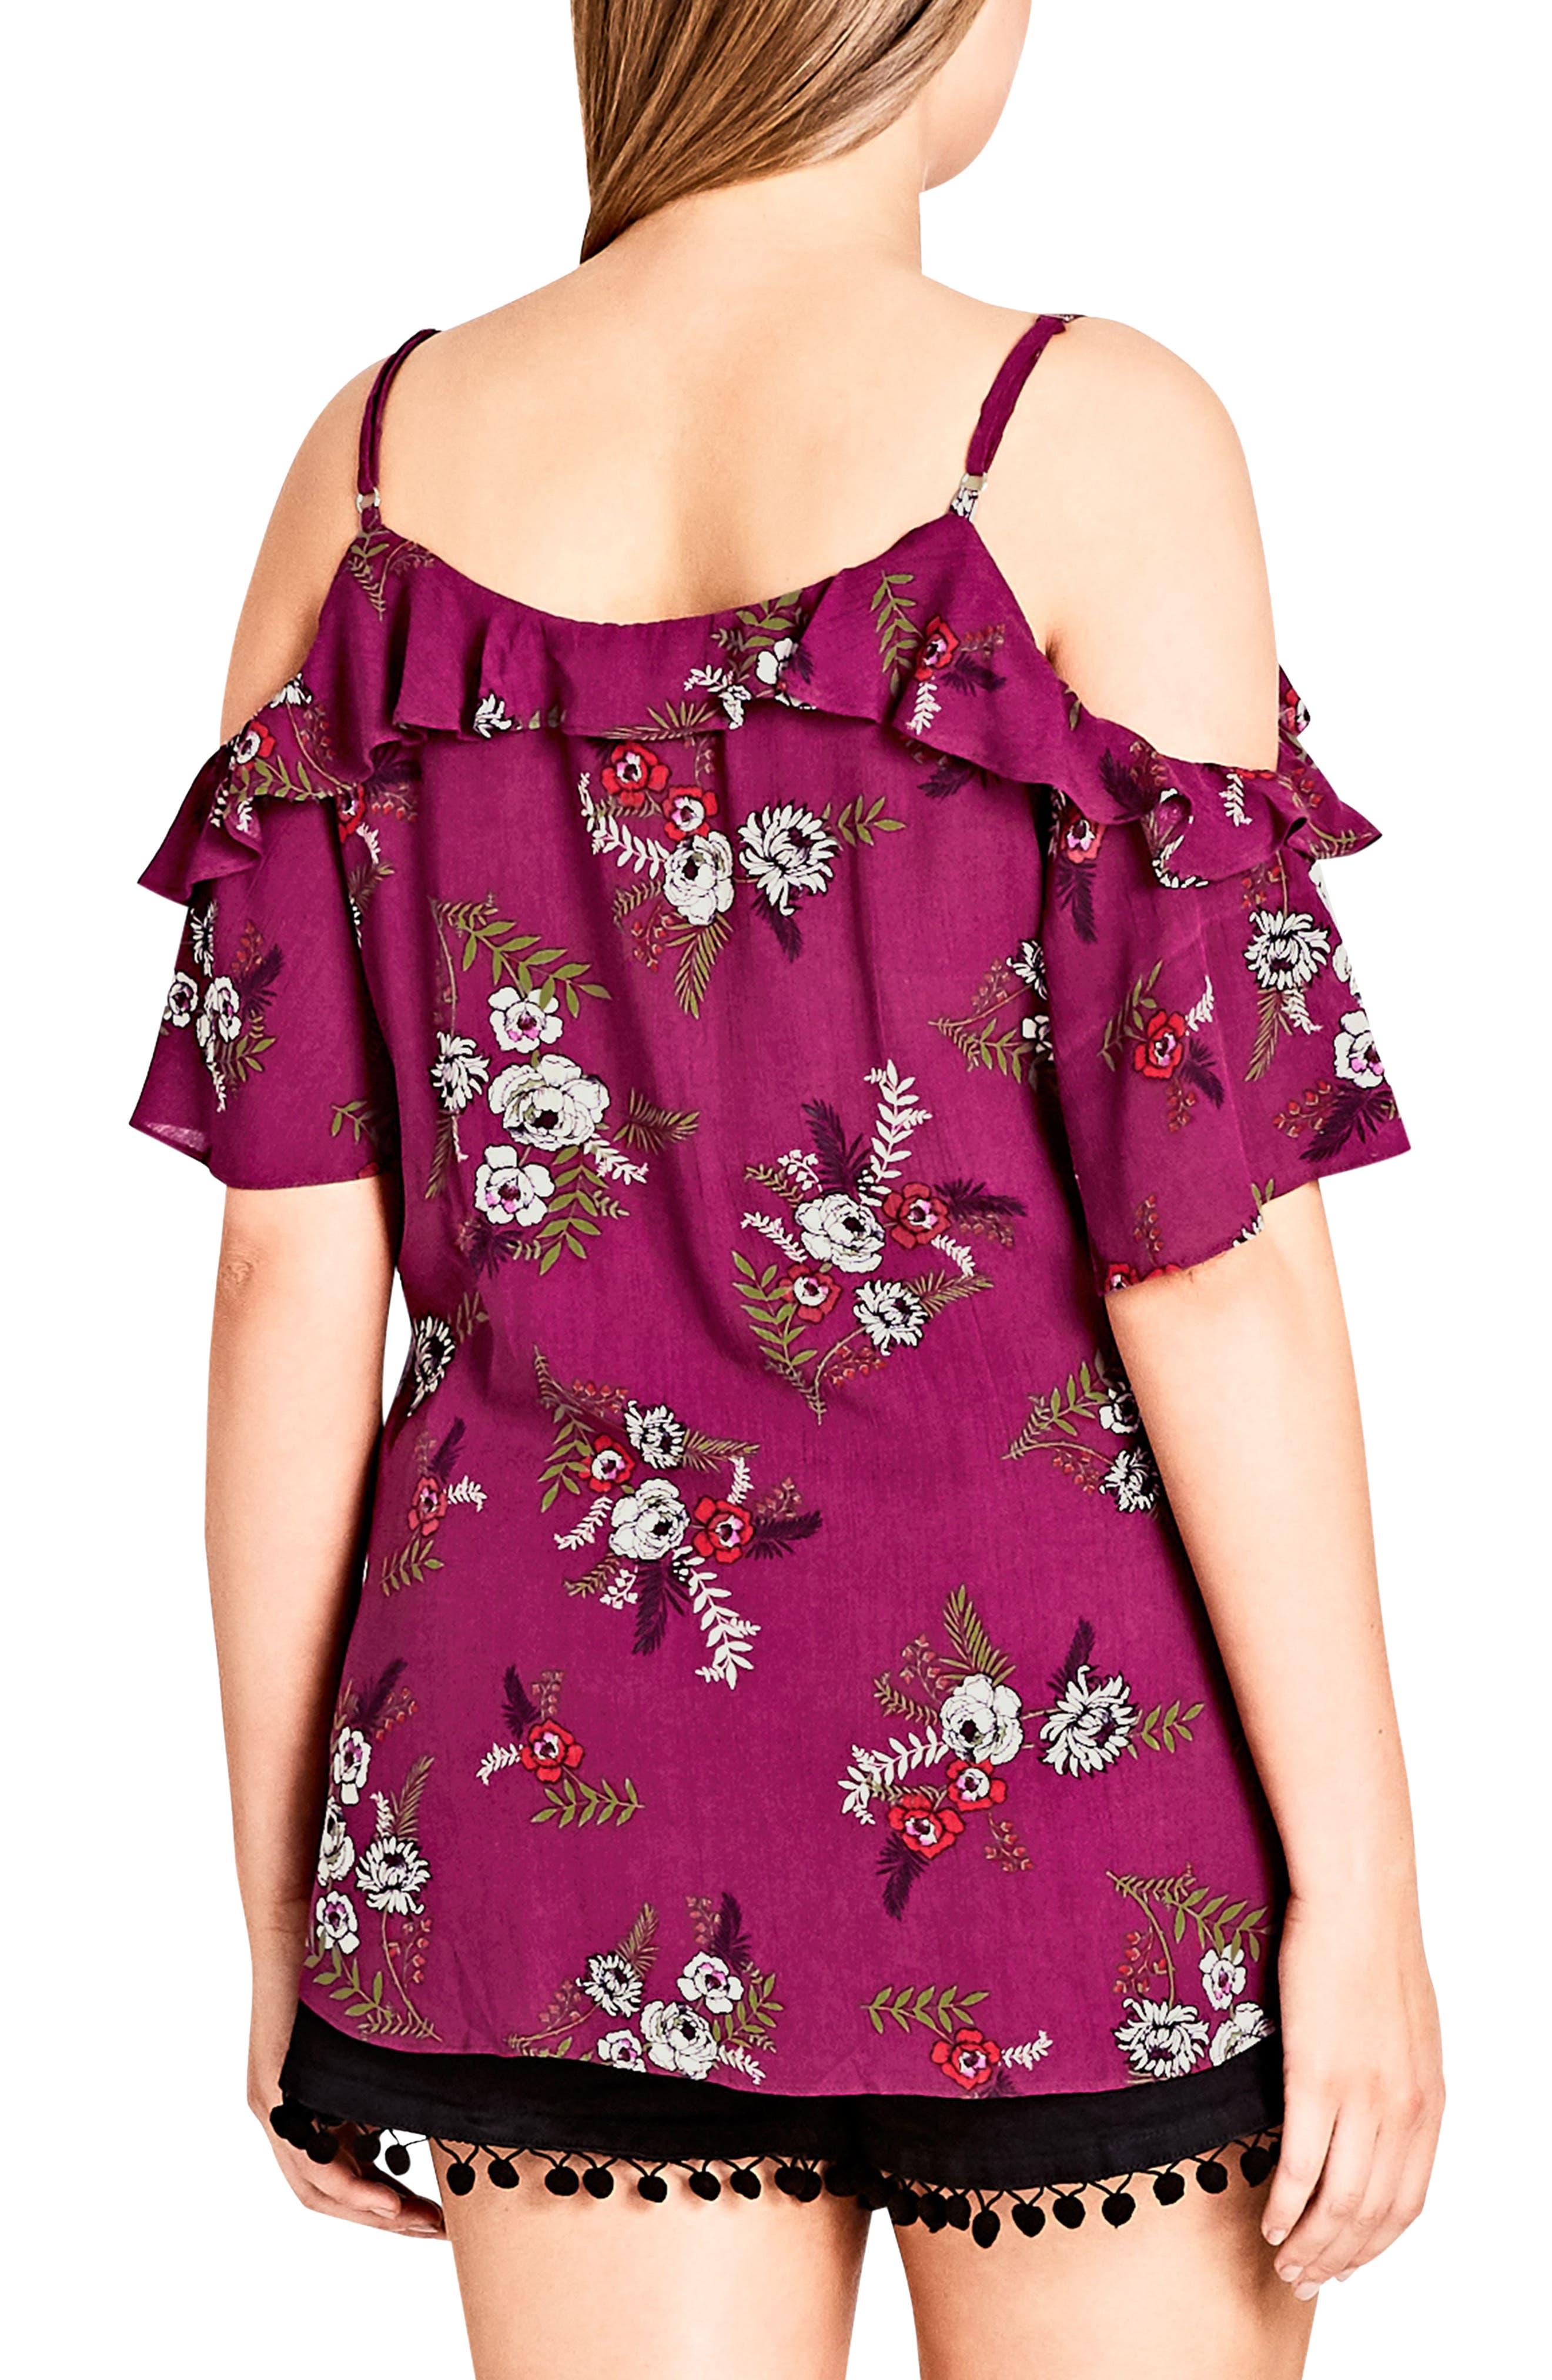 Agave Floral Cold Shoulder Top,                             Alternate thumbnail 3, color,                             Agave Floral